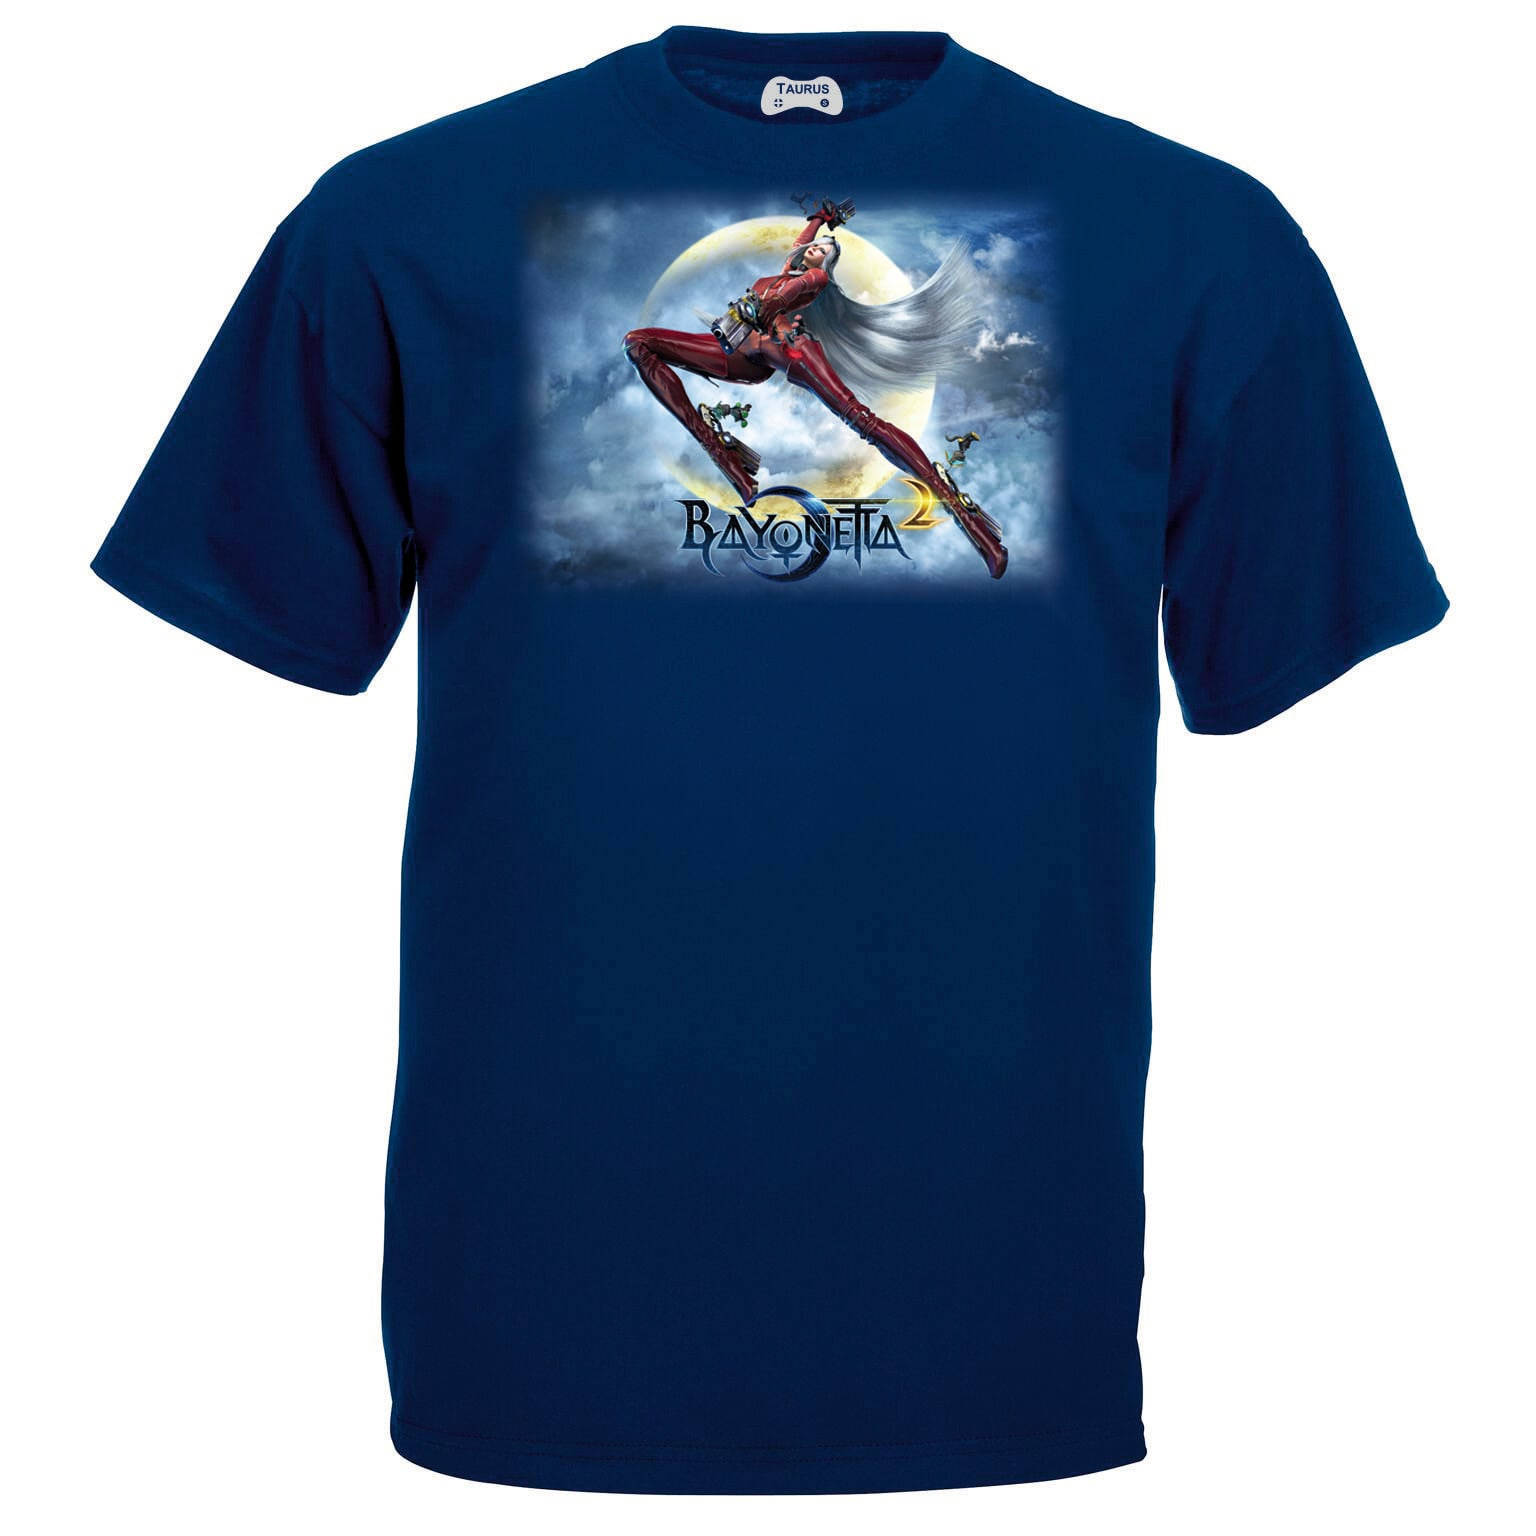 Bayonetta T-Shirt Hunter